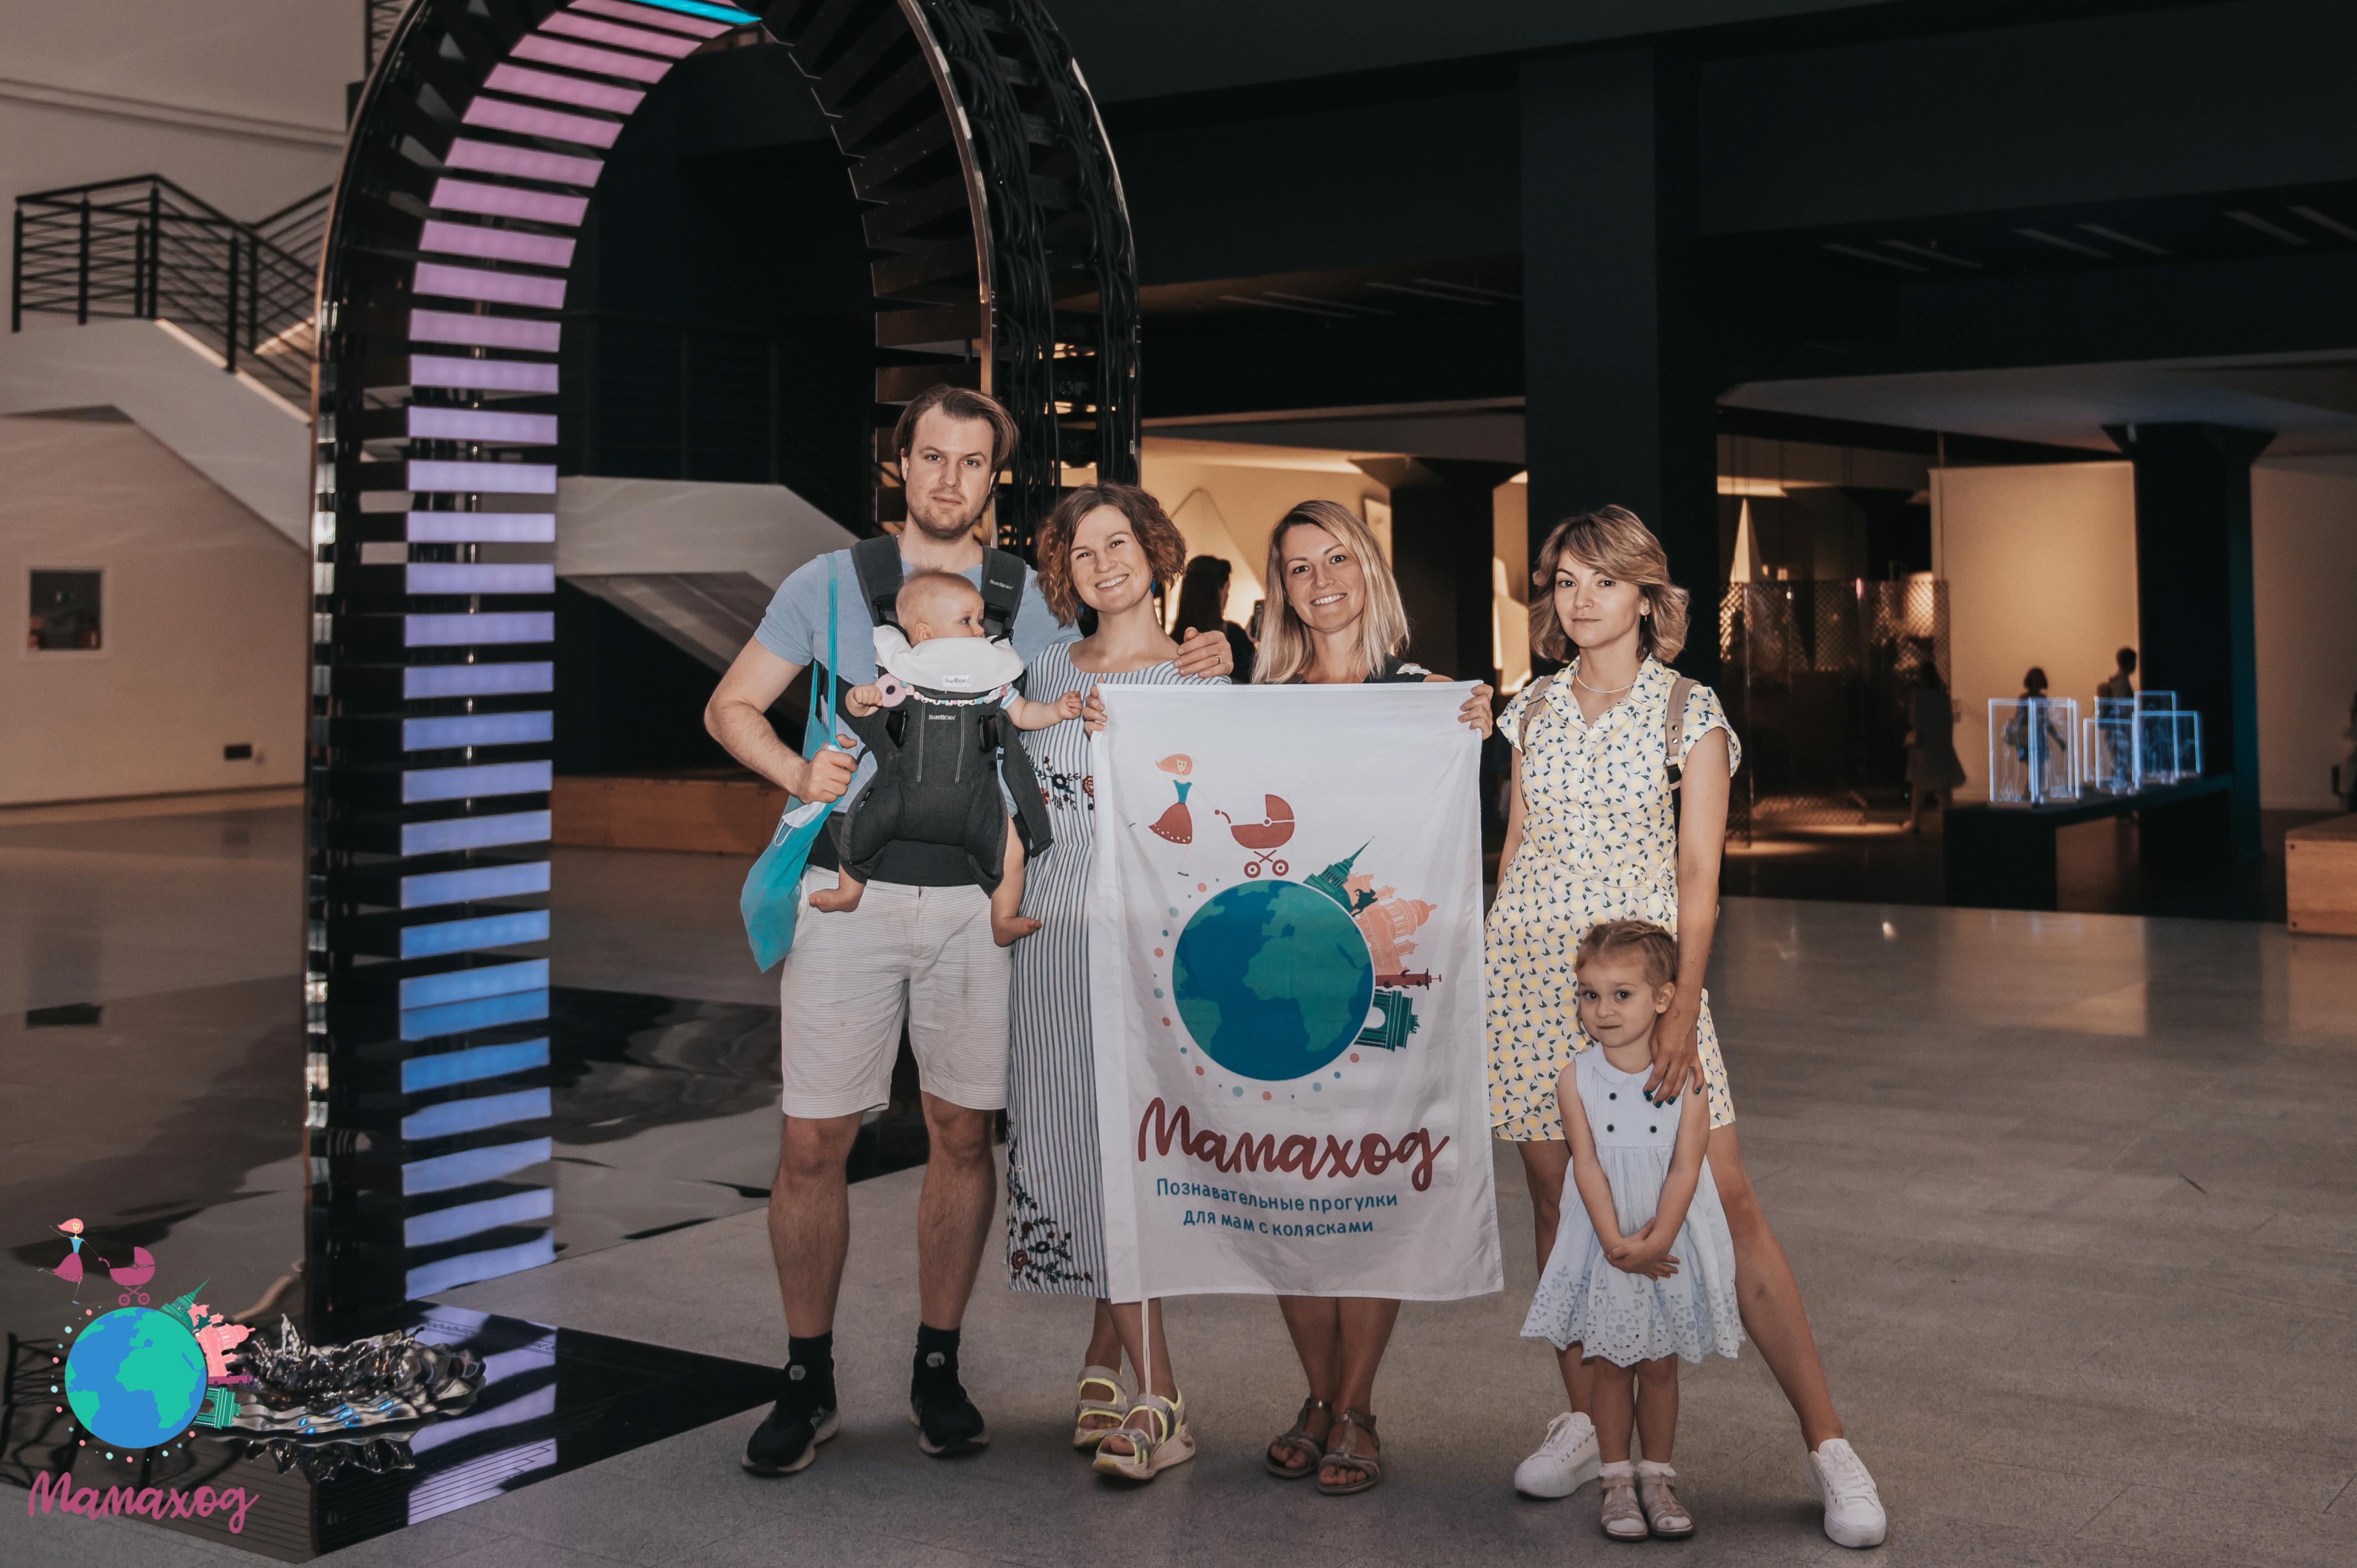 Мамаход в Манеж:  выставка New Nature от Recycle Group 0+